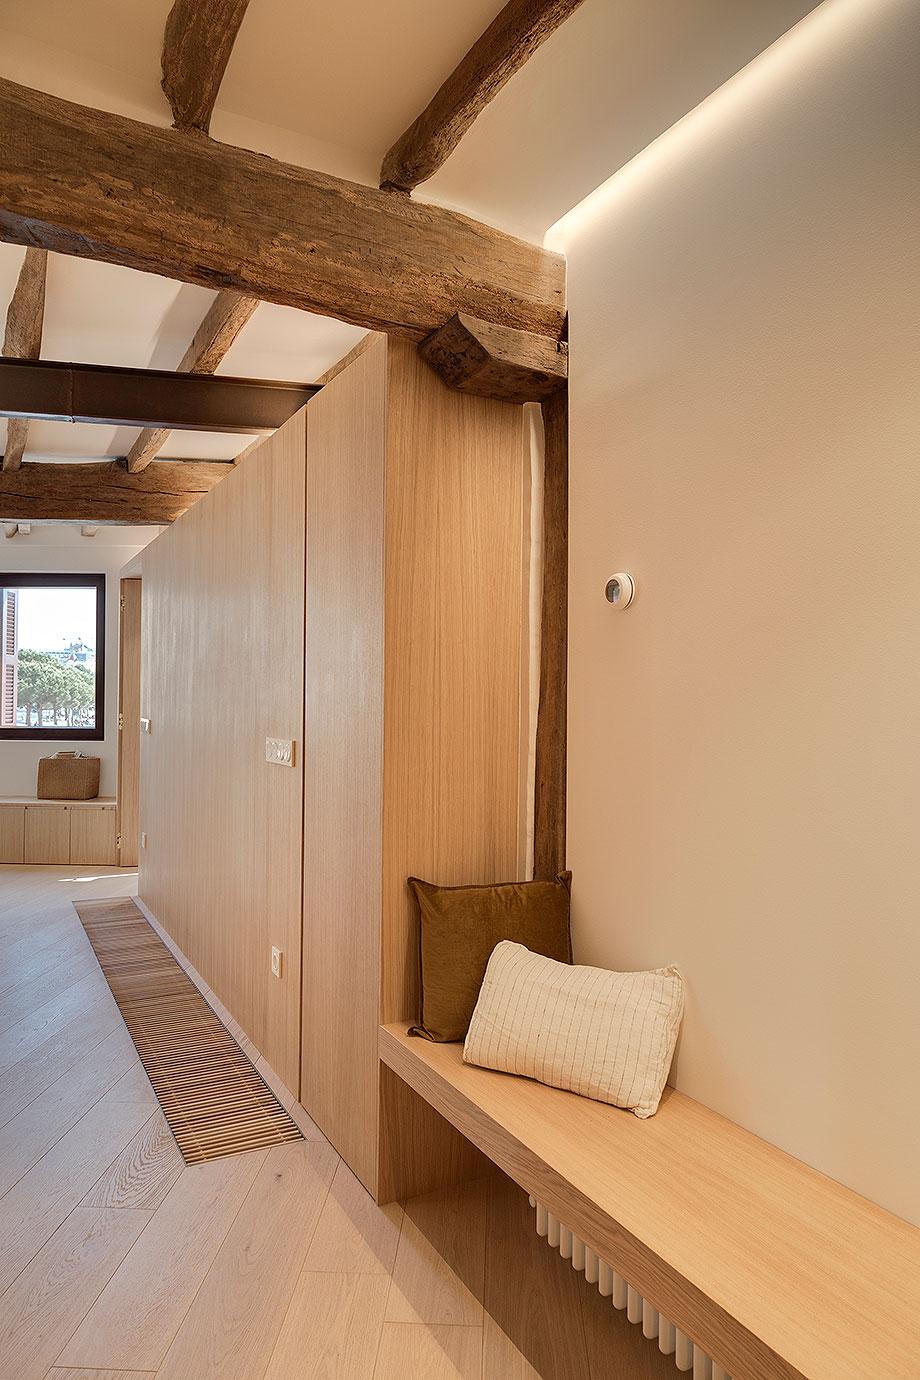 casa kaia de amaia arana arkitektura (2) - foto iñaki guridi de mitiko estudio